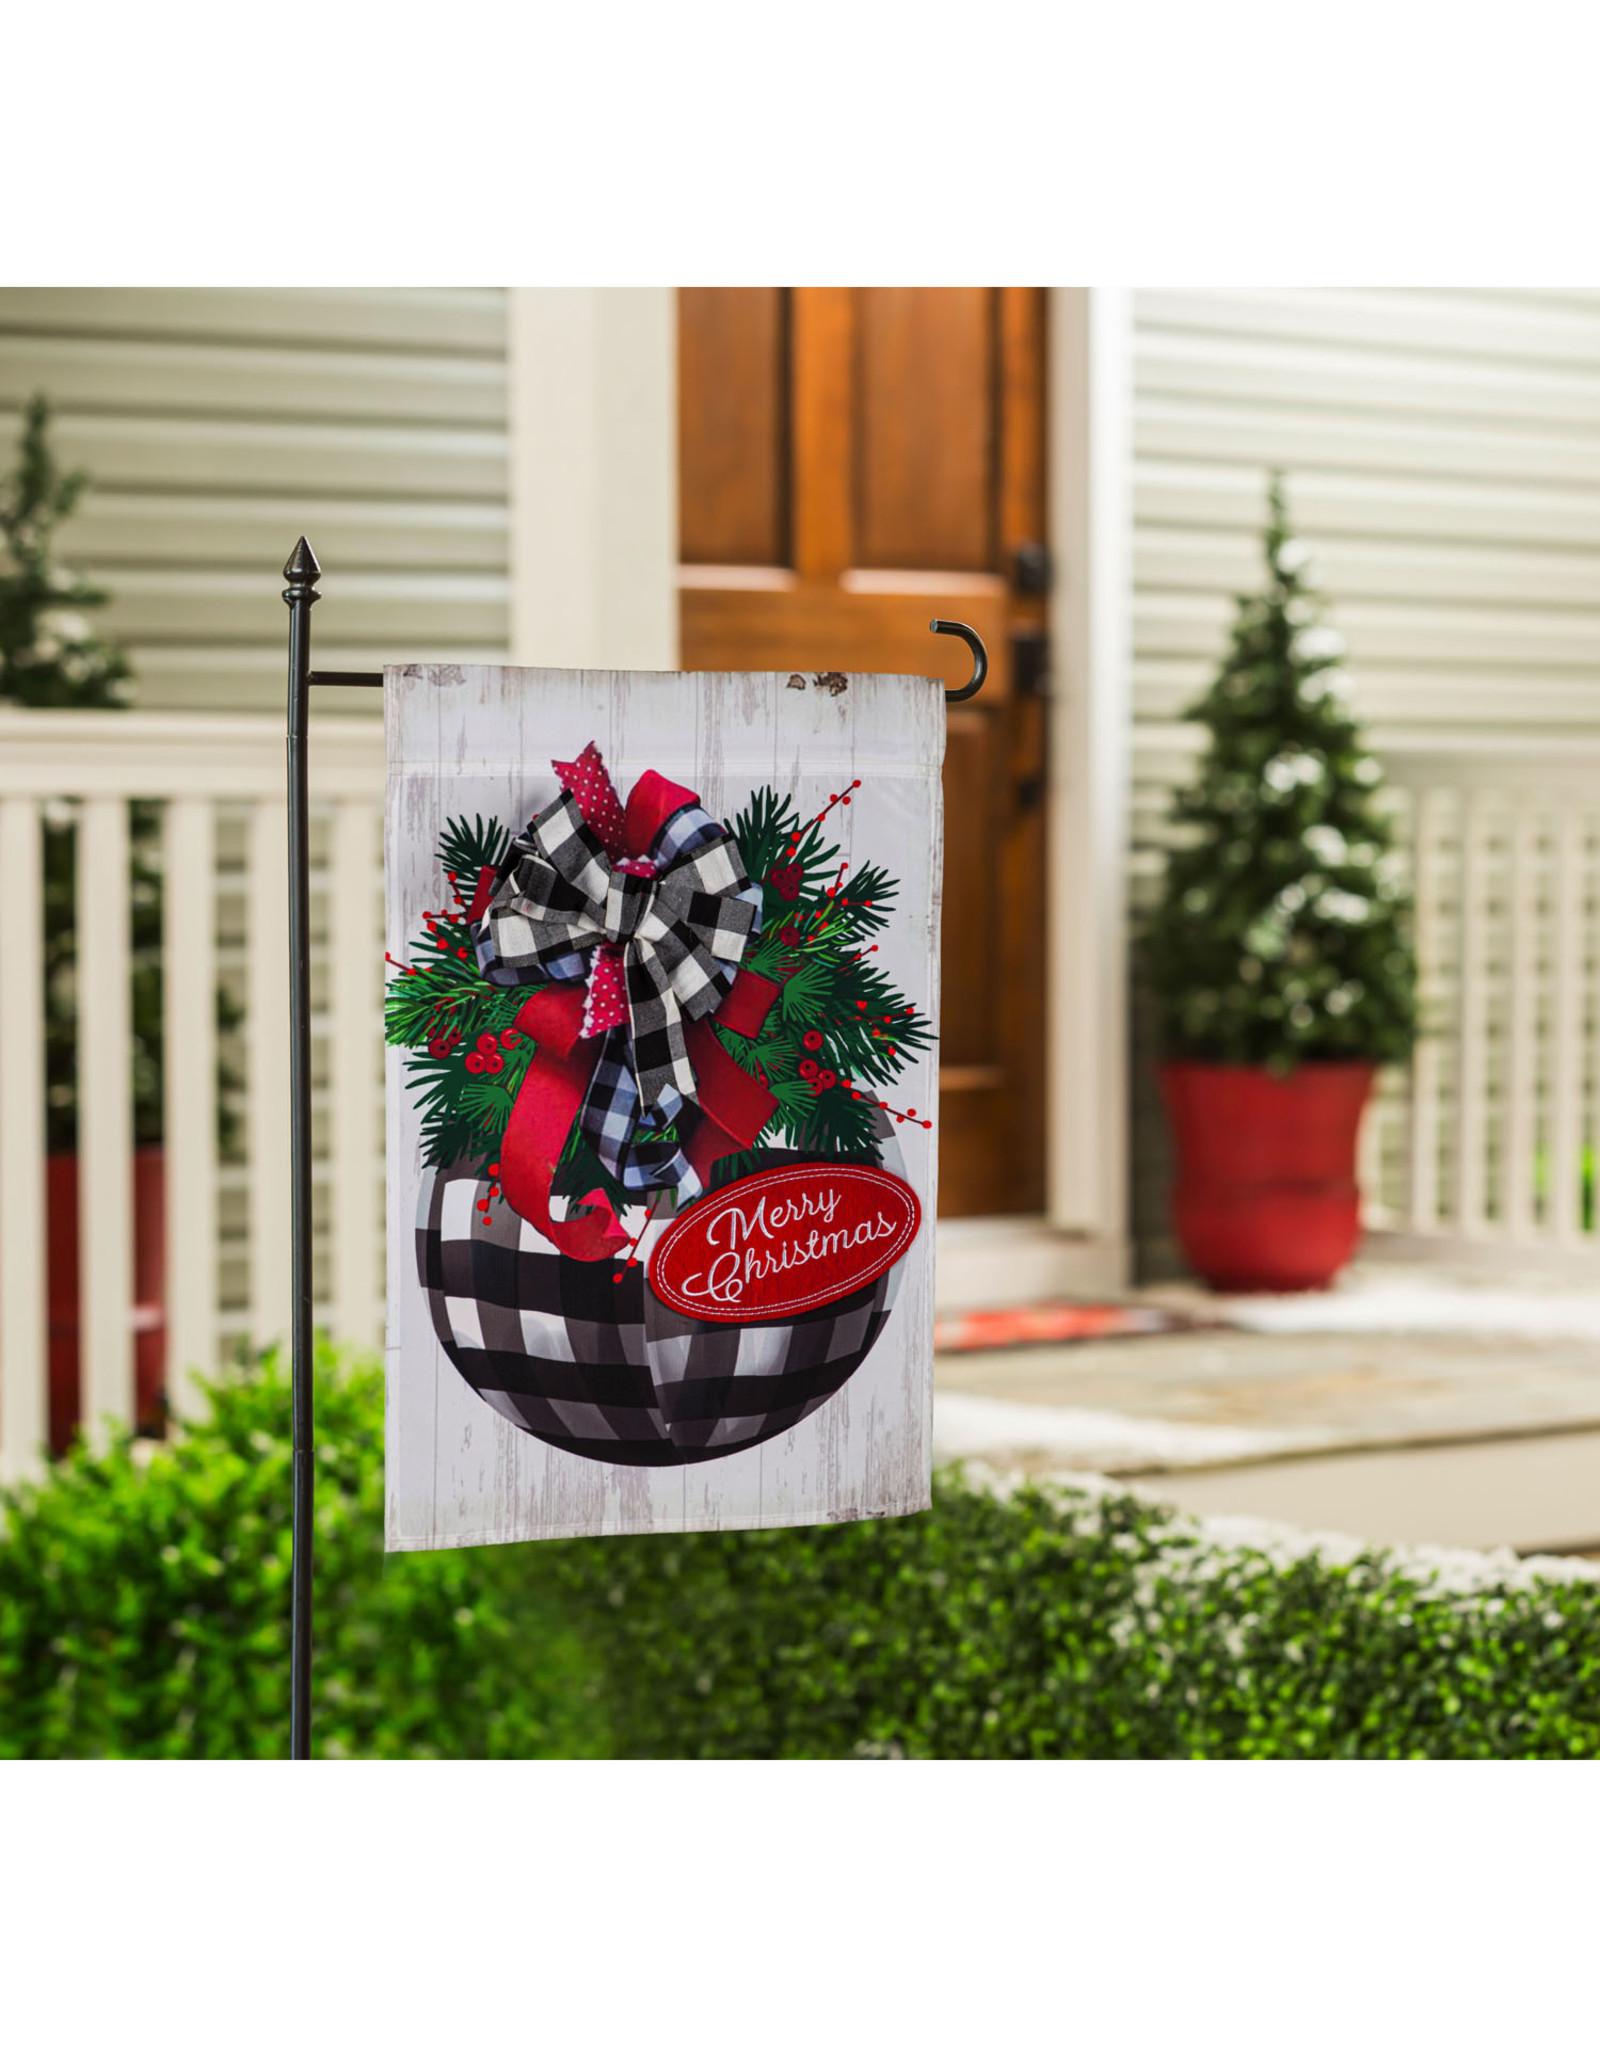 Evergreen Enterprises Buffalo Check Ornament Garden Applique Flag